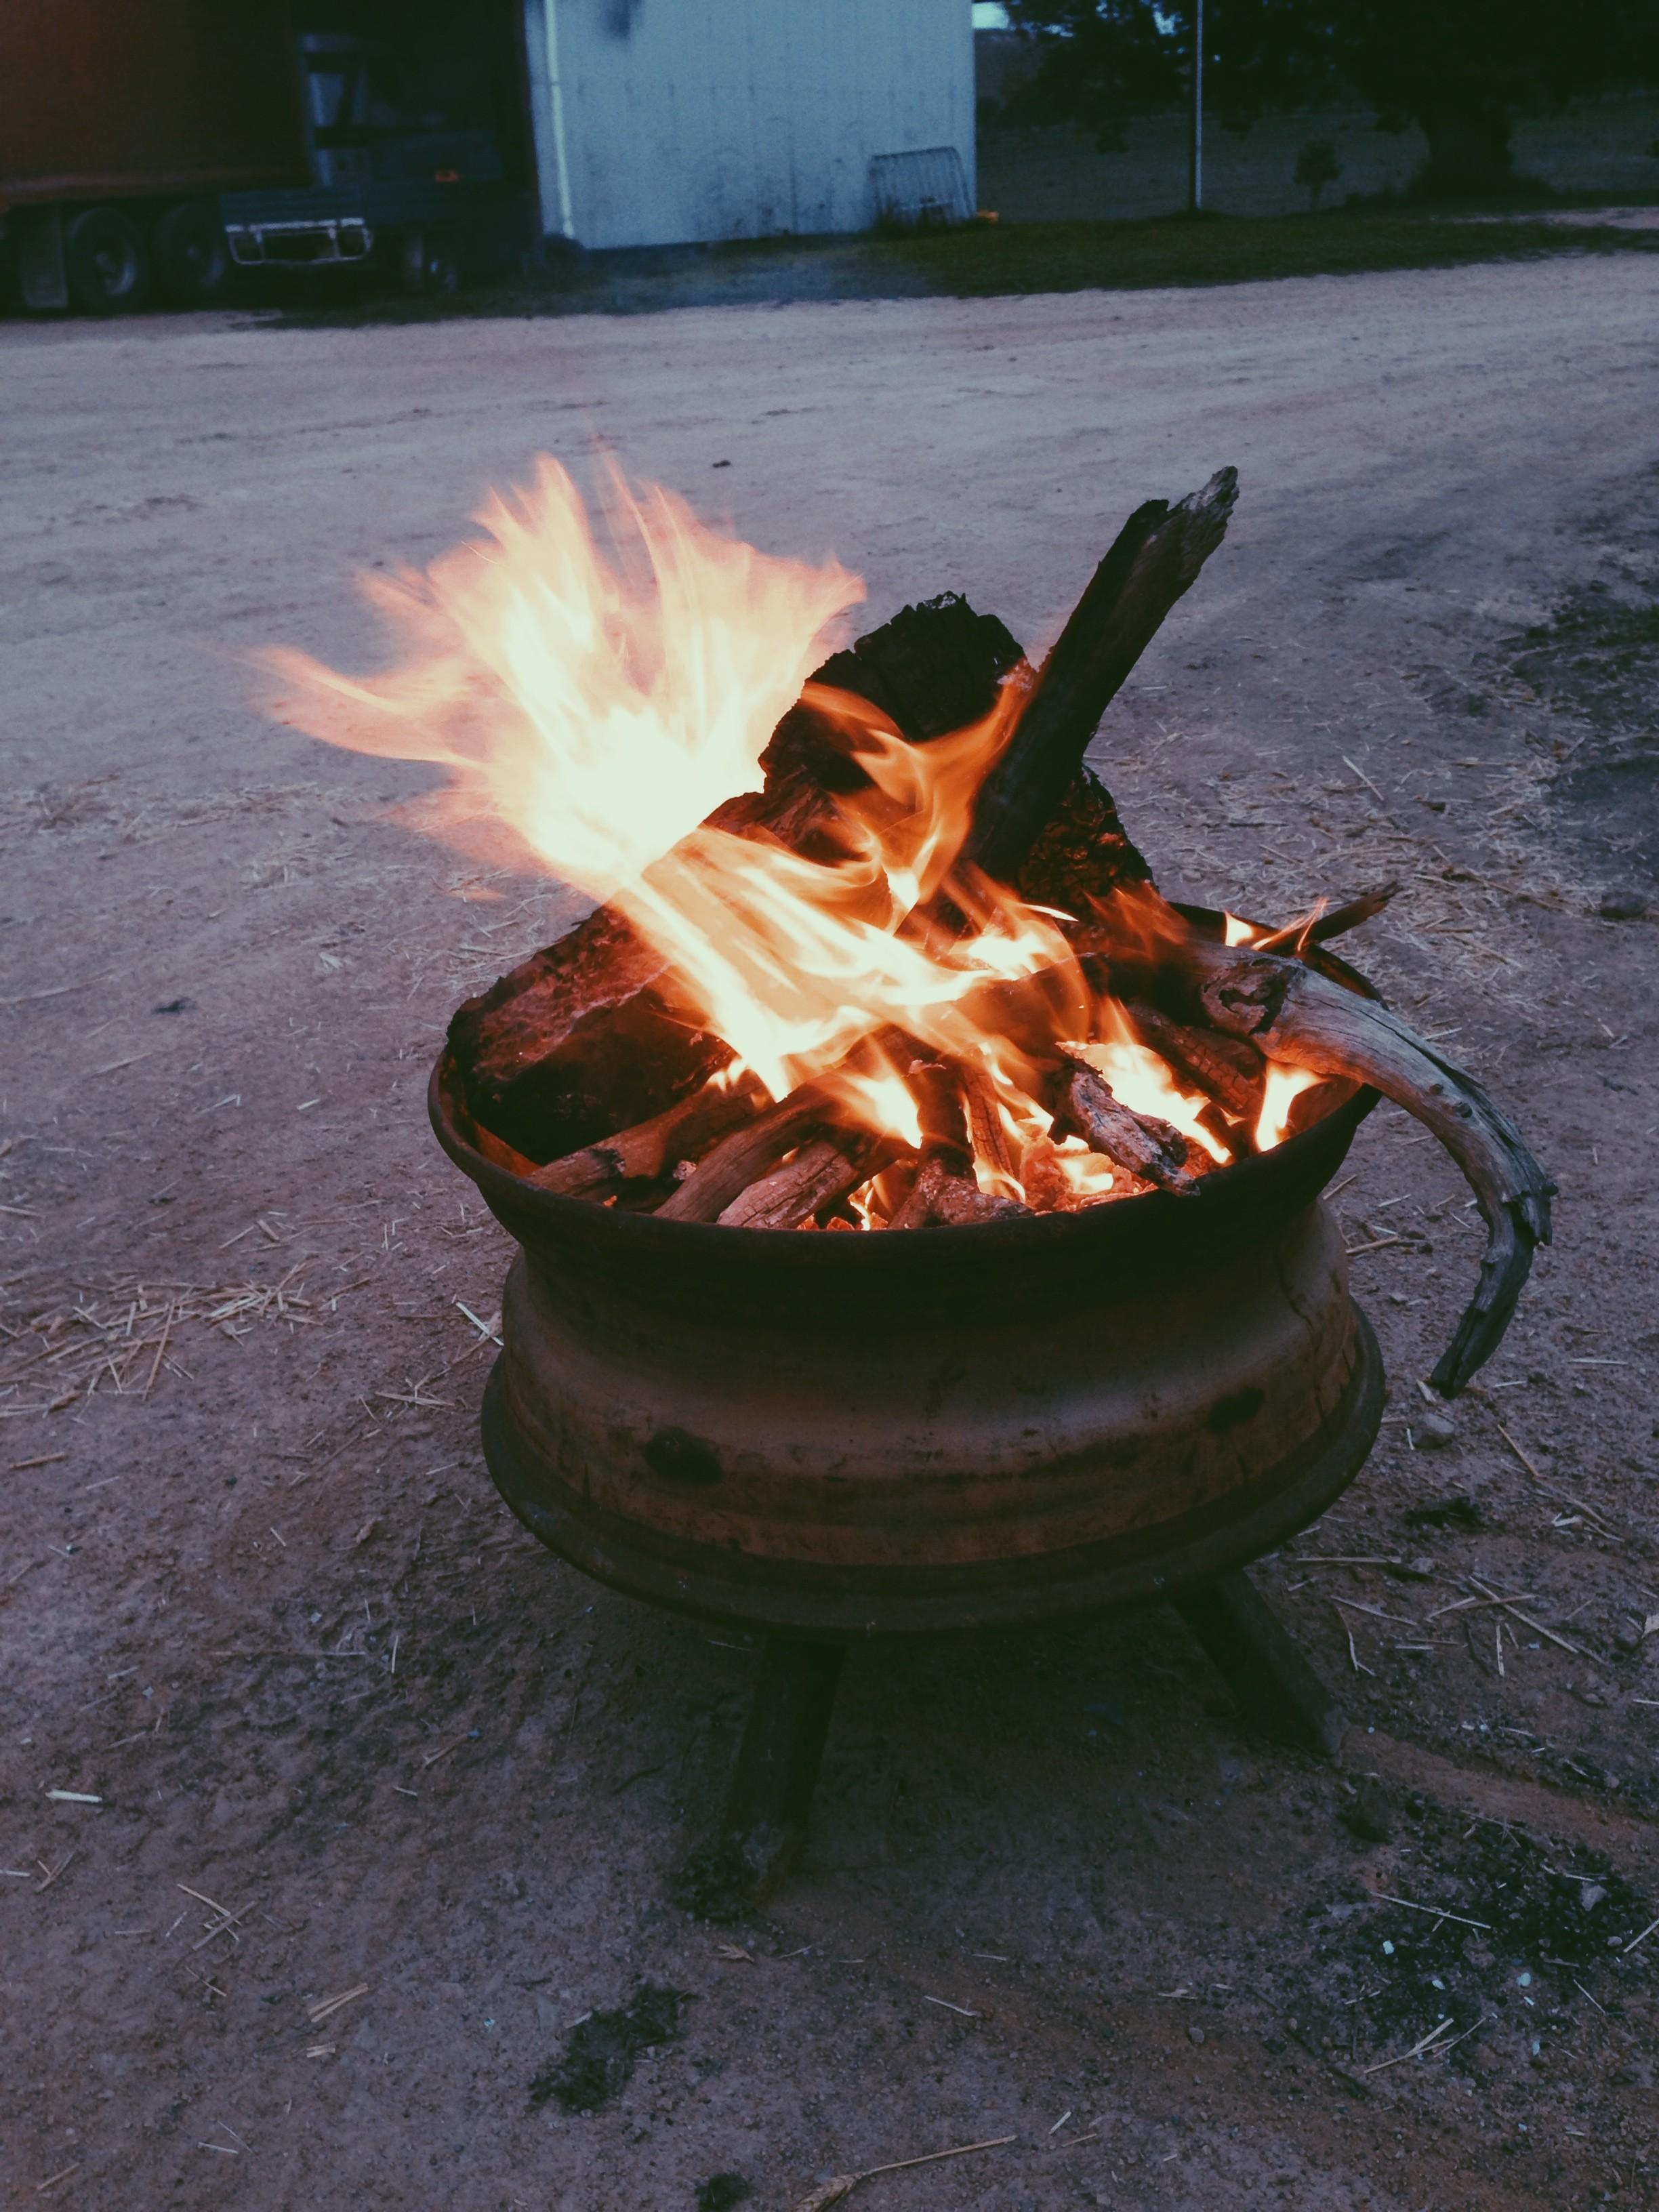 Drum Fire || thinkbiglivesimply.com